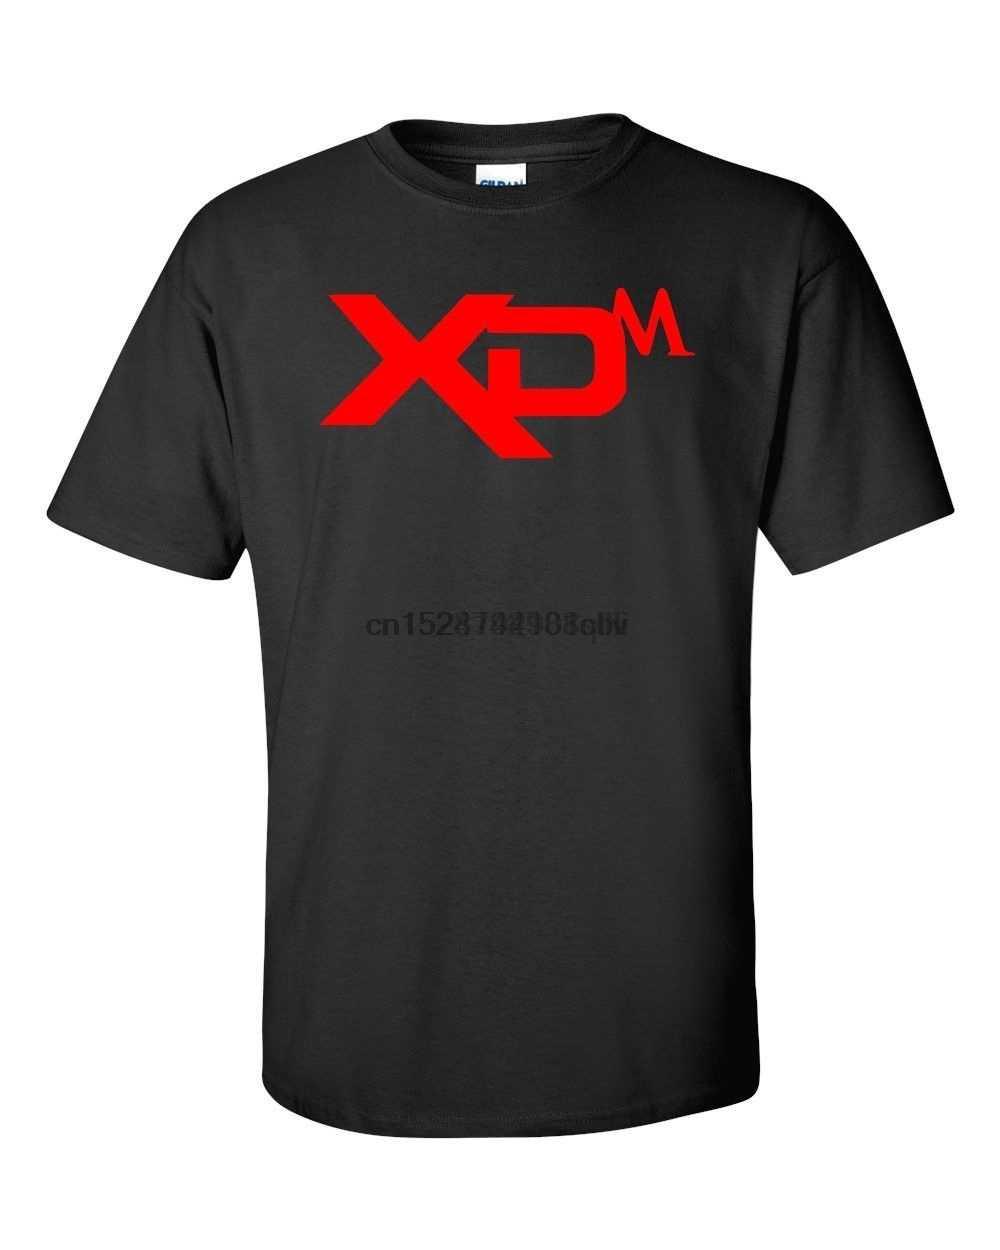 Springfield Armory Xdm Đỏ Logo Áo Thun 2nd Sửa Đổi Pro Súng TEE Súng Đạn Súng Trường